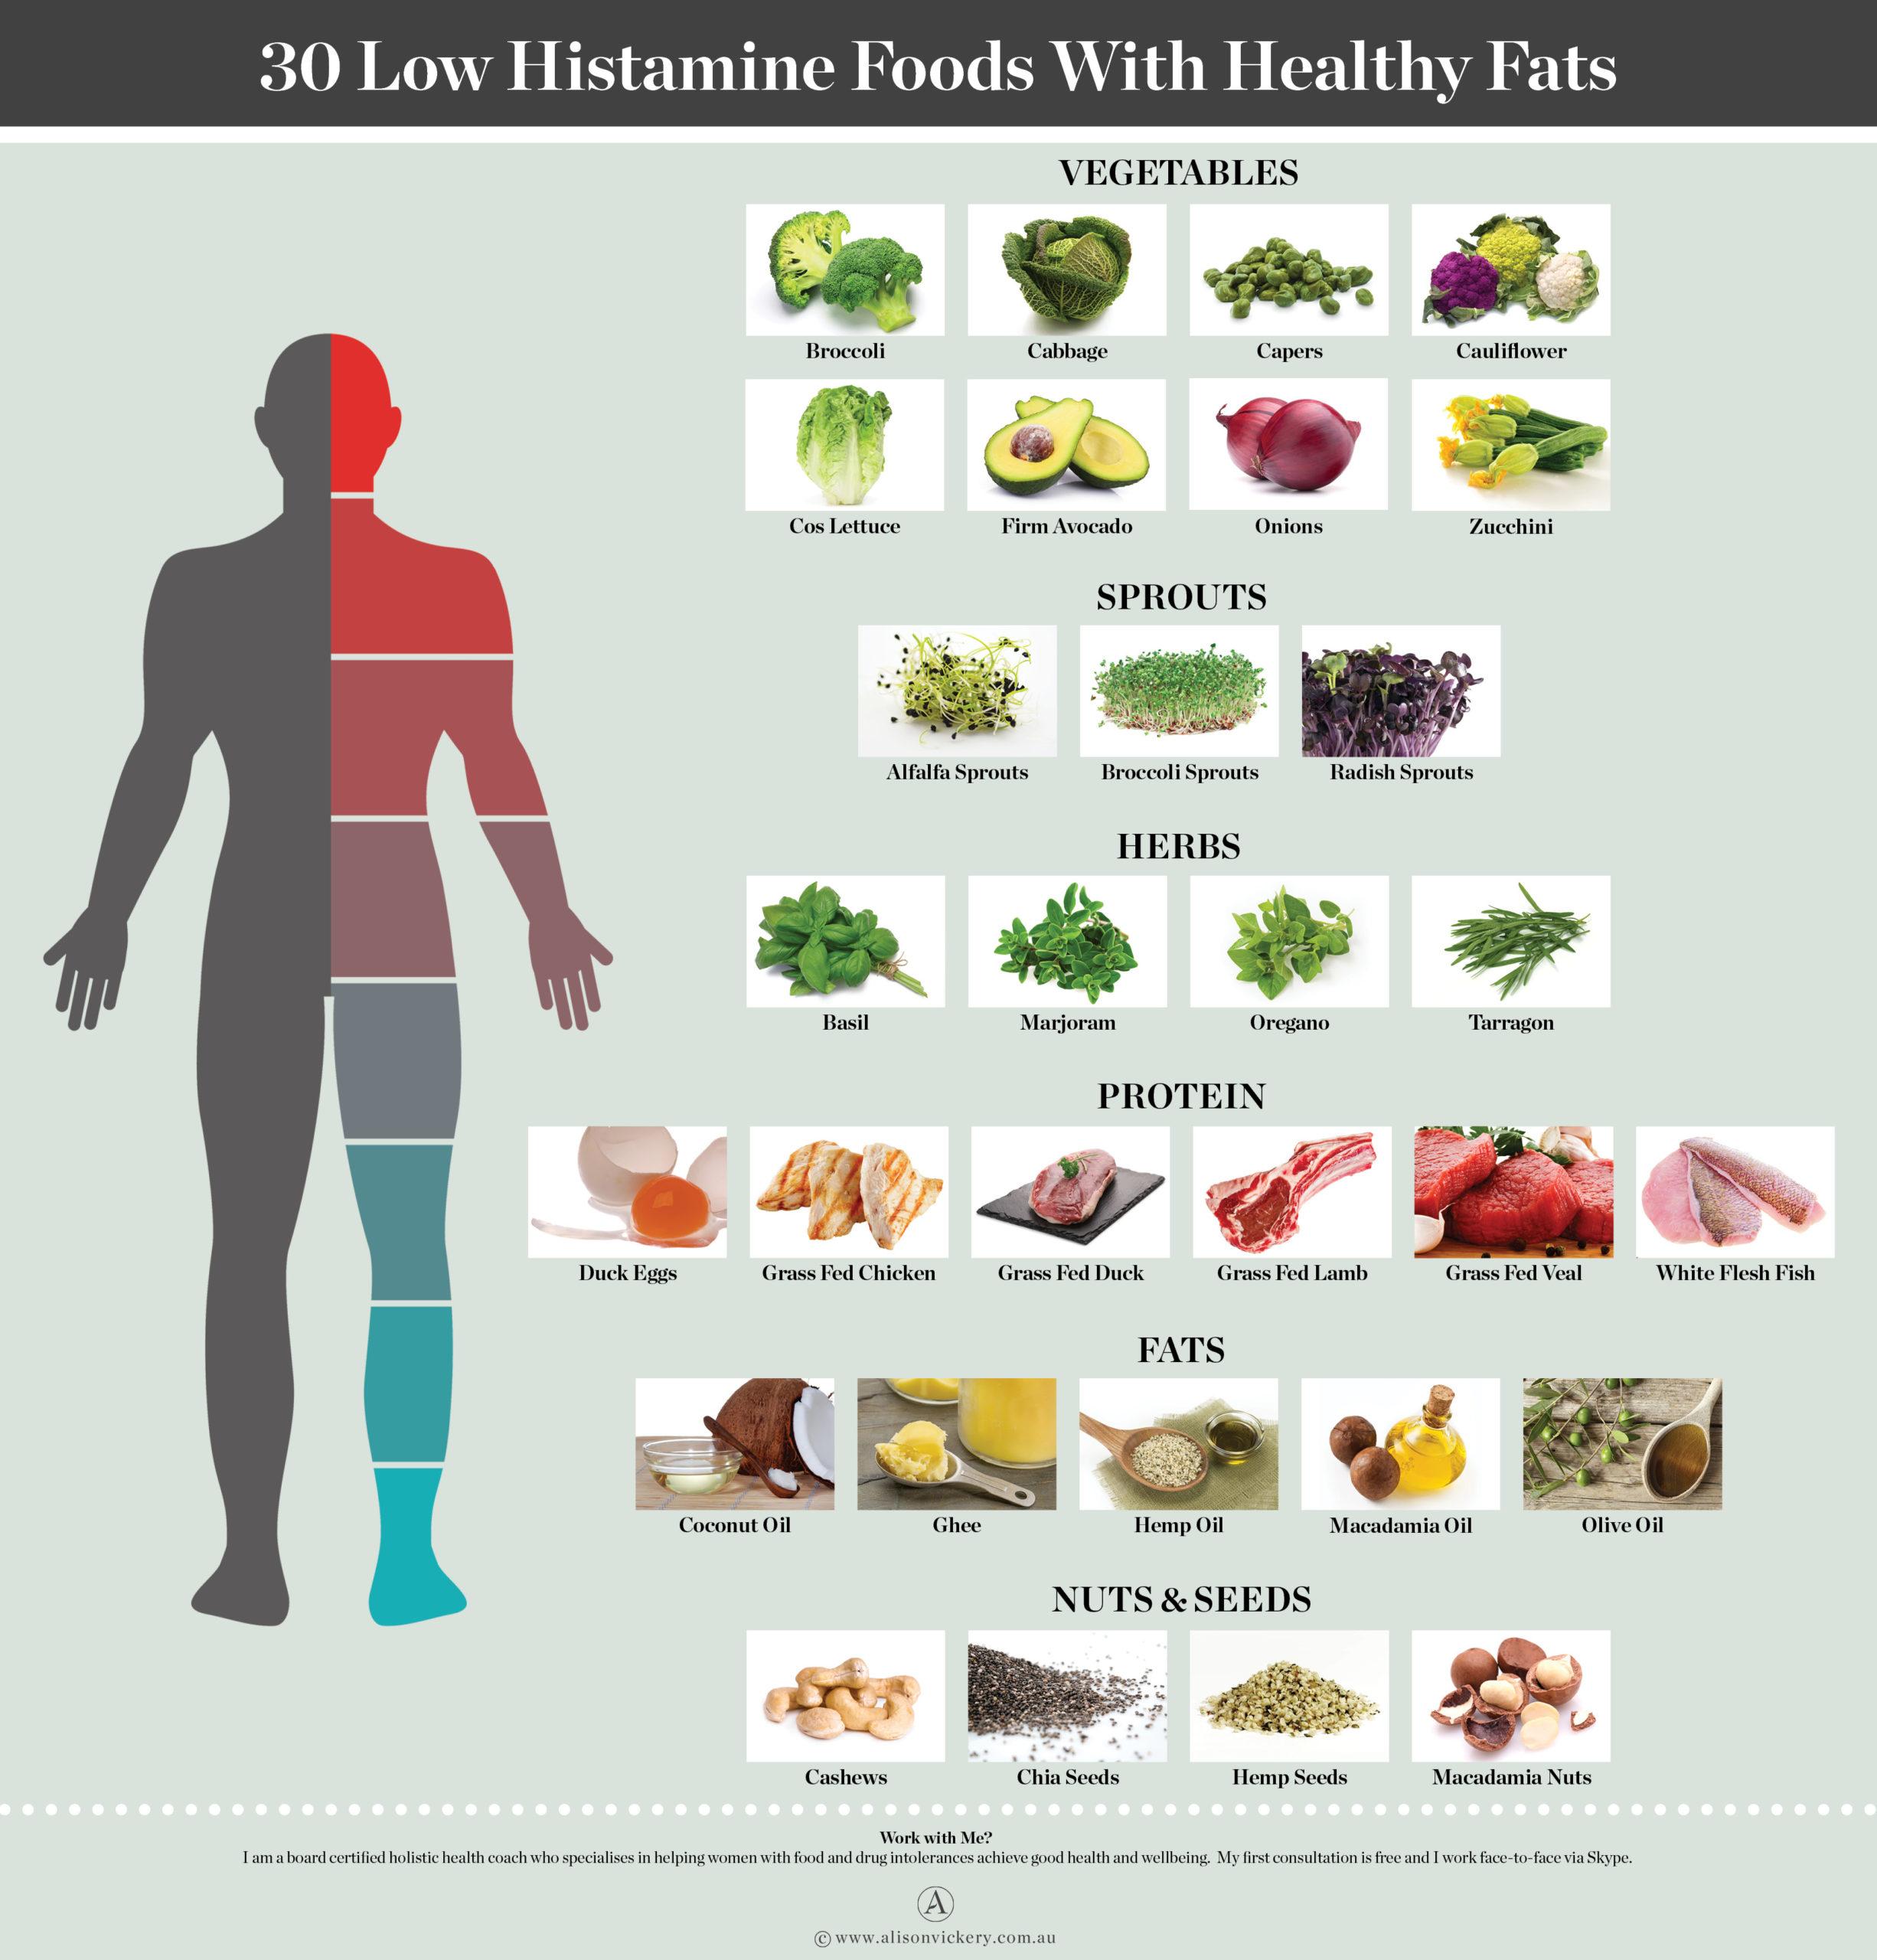 Продукты питания с низким содержанием гистамина